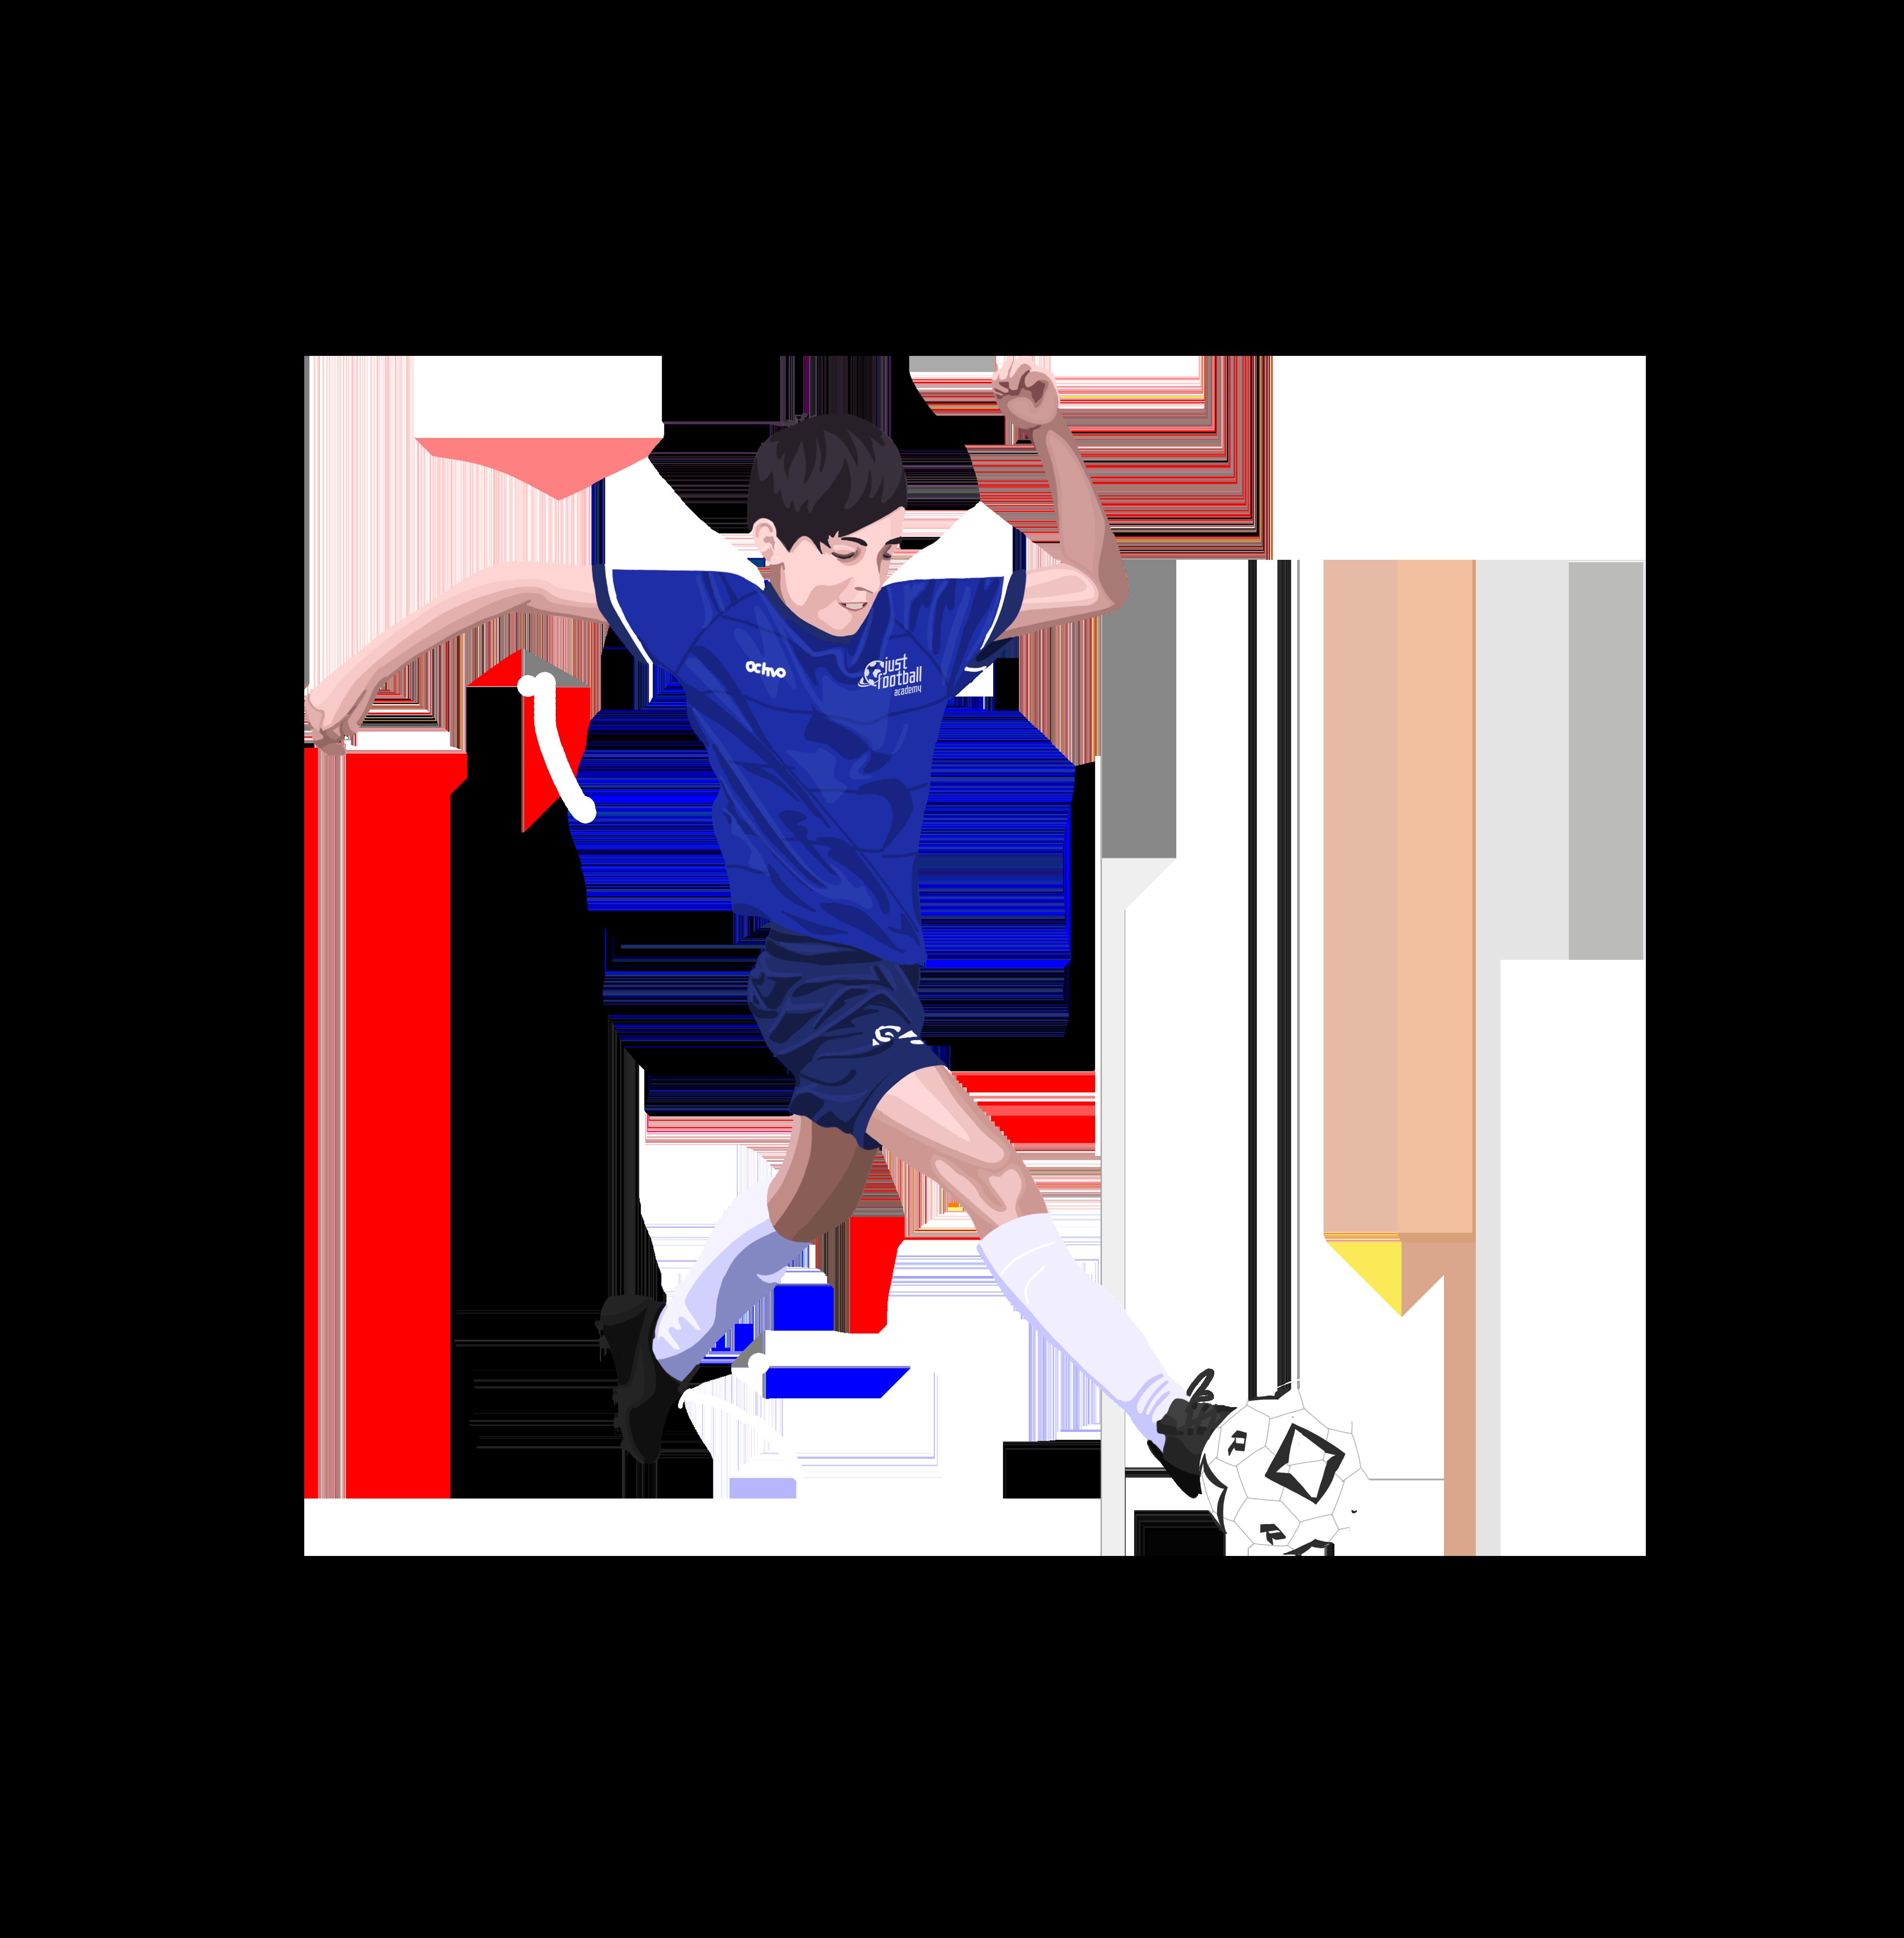 https://justfootballacademy.com.au/wp-content/uploads/2021/02/Roham-no-bg.png